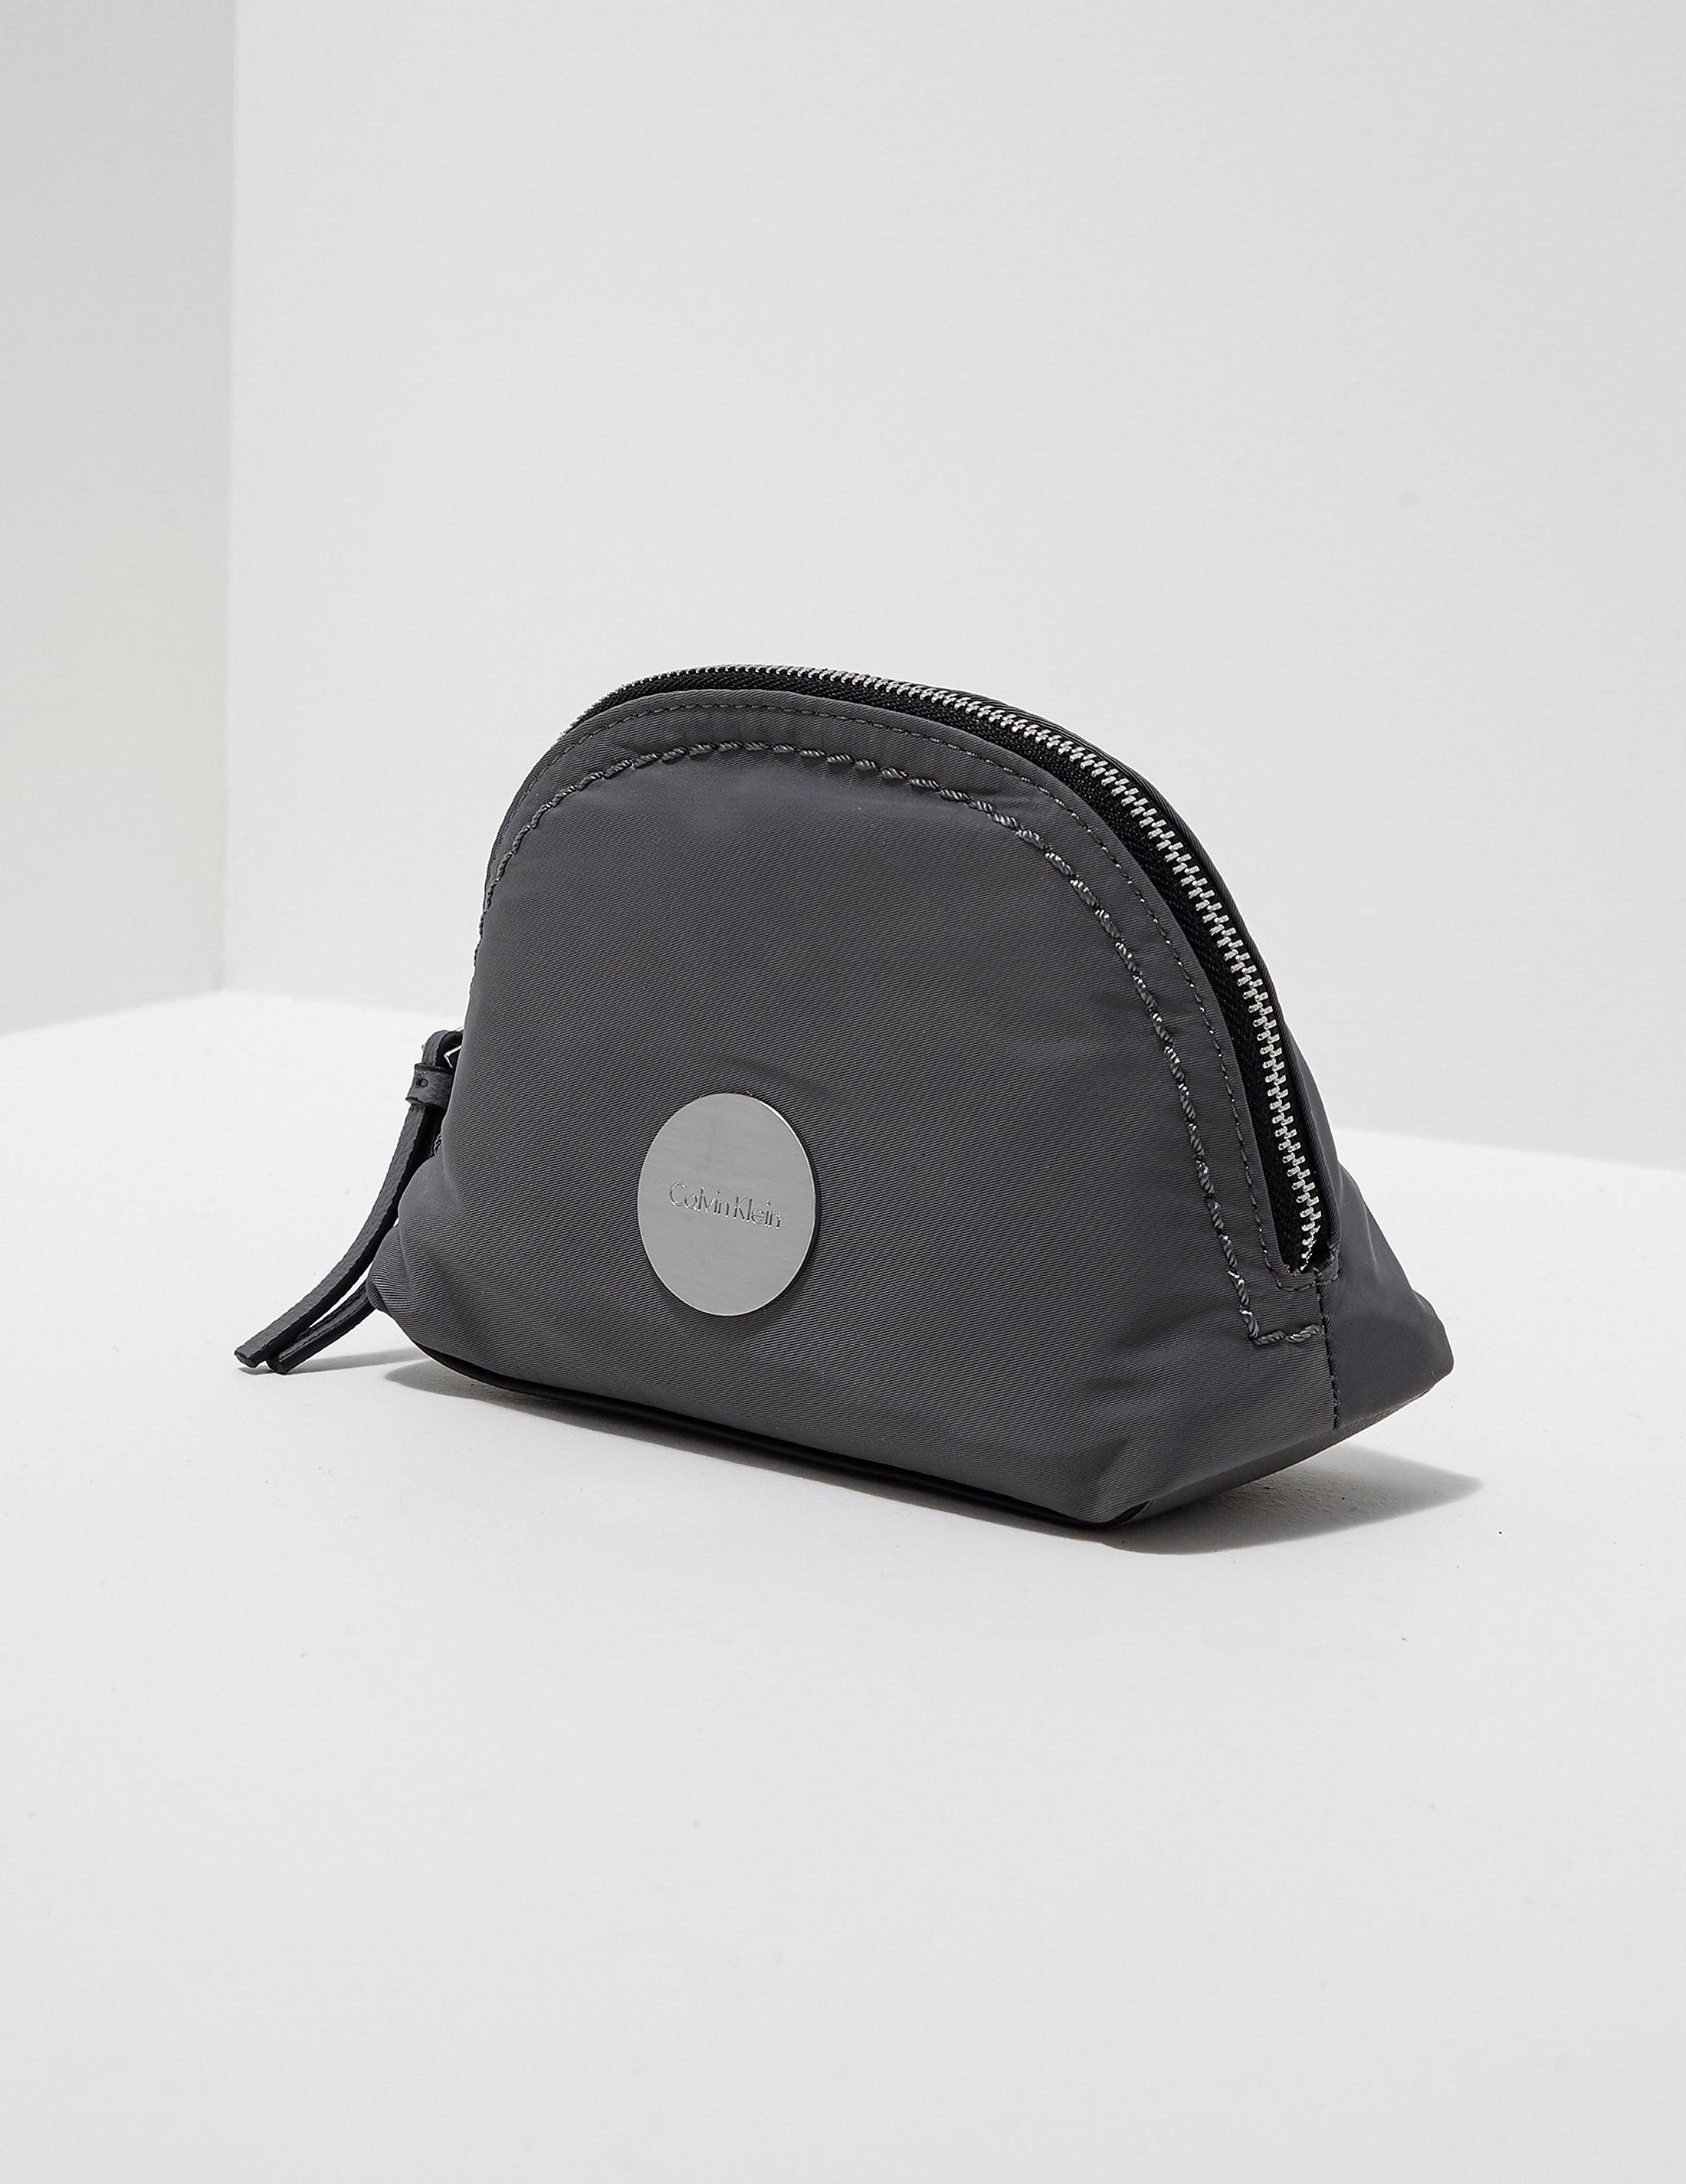 Calvin Klein Edith Cosmetic Bag